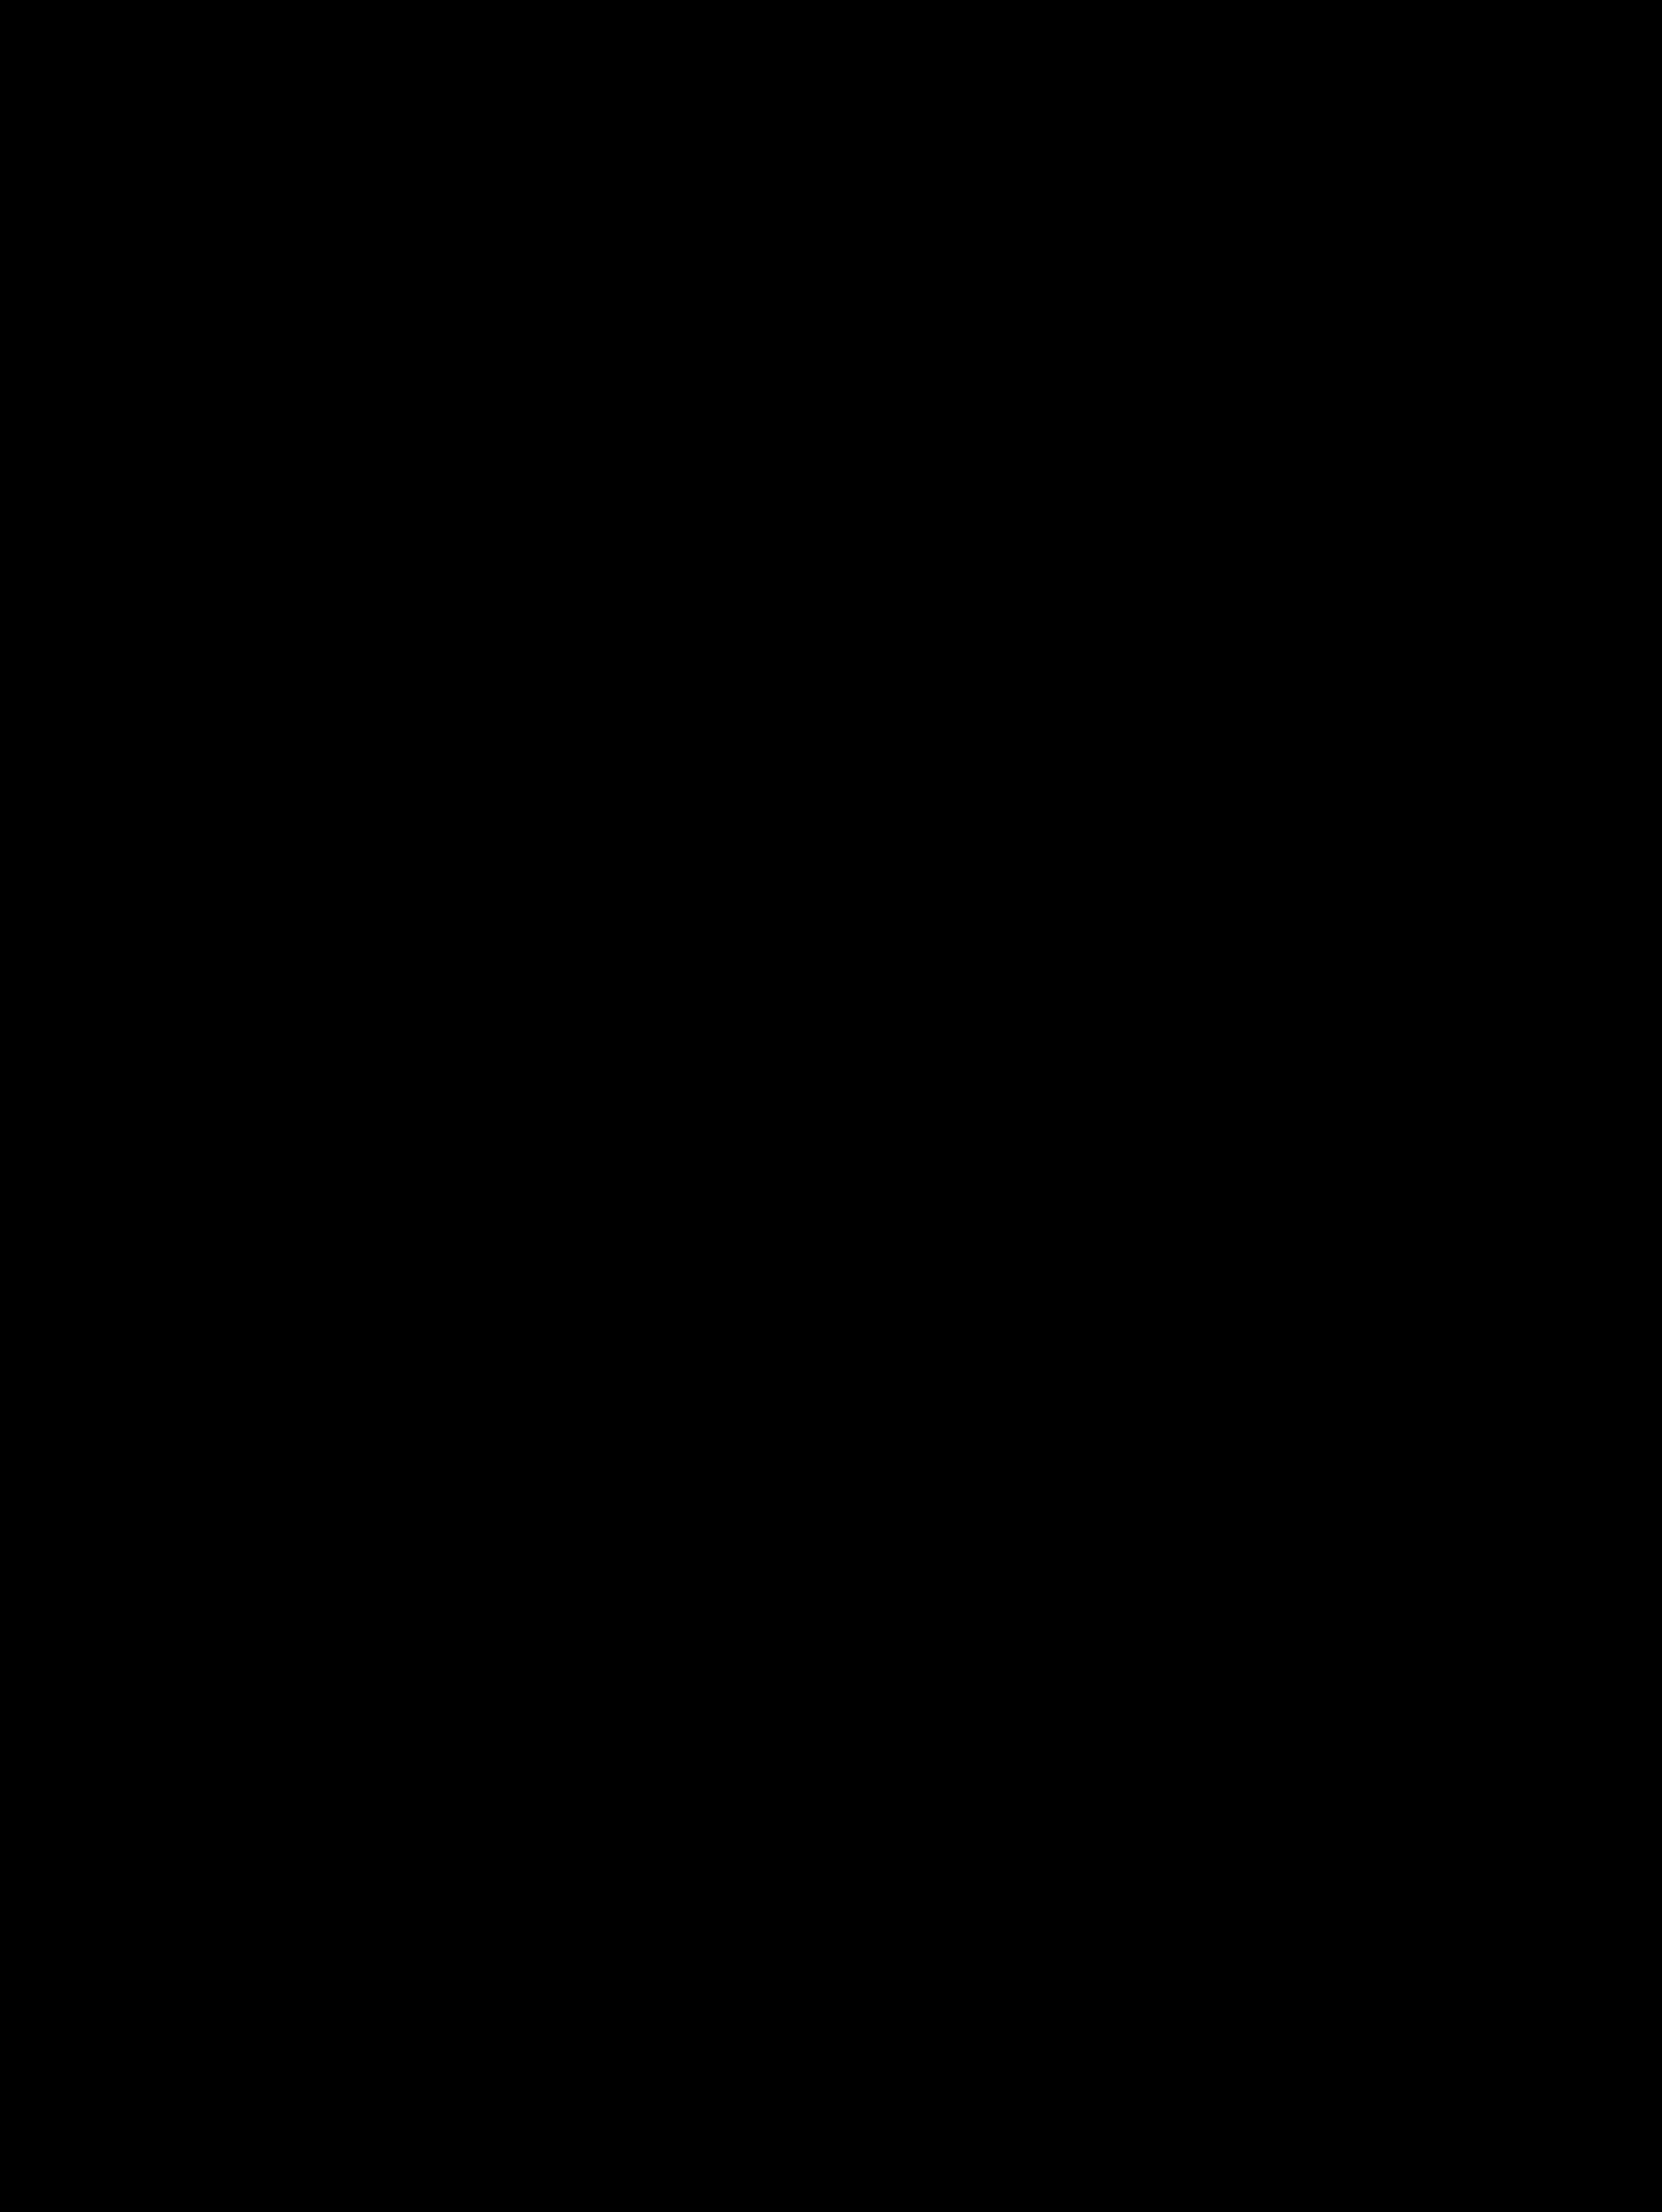 FB Iridescent Lip Luminizer - Summer Daze Trio - AED 150